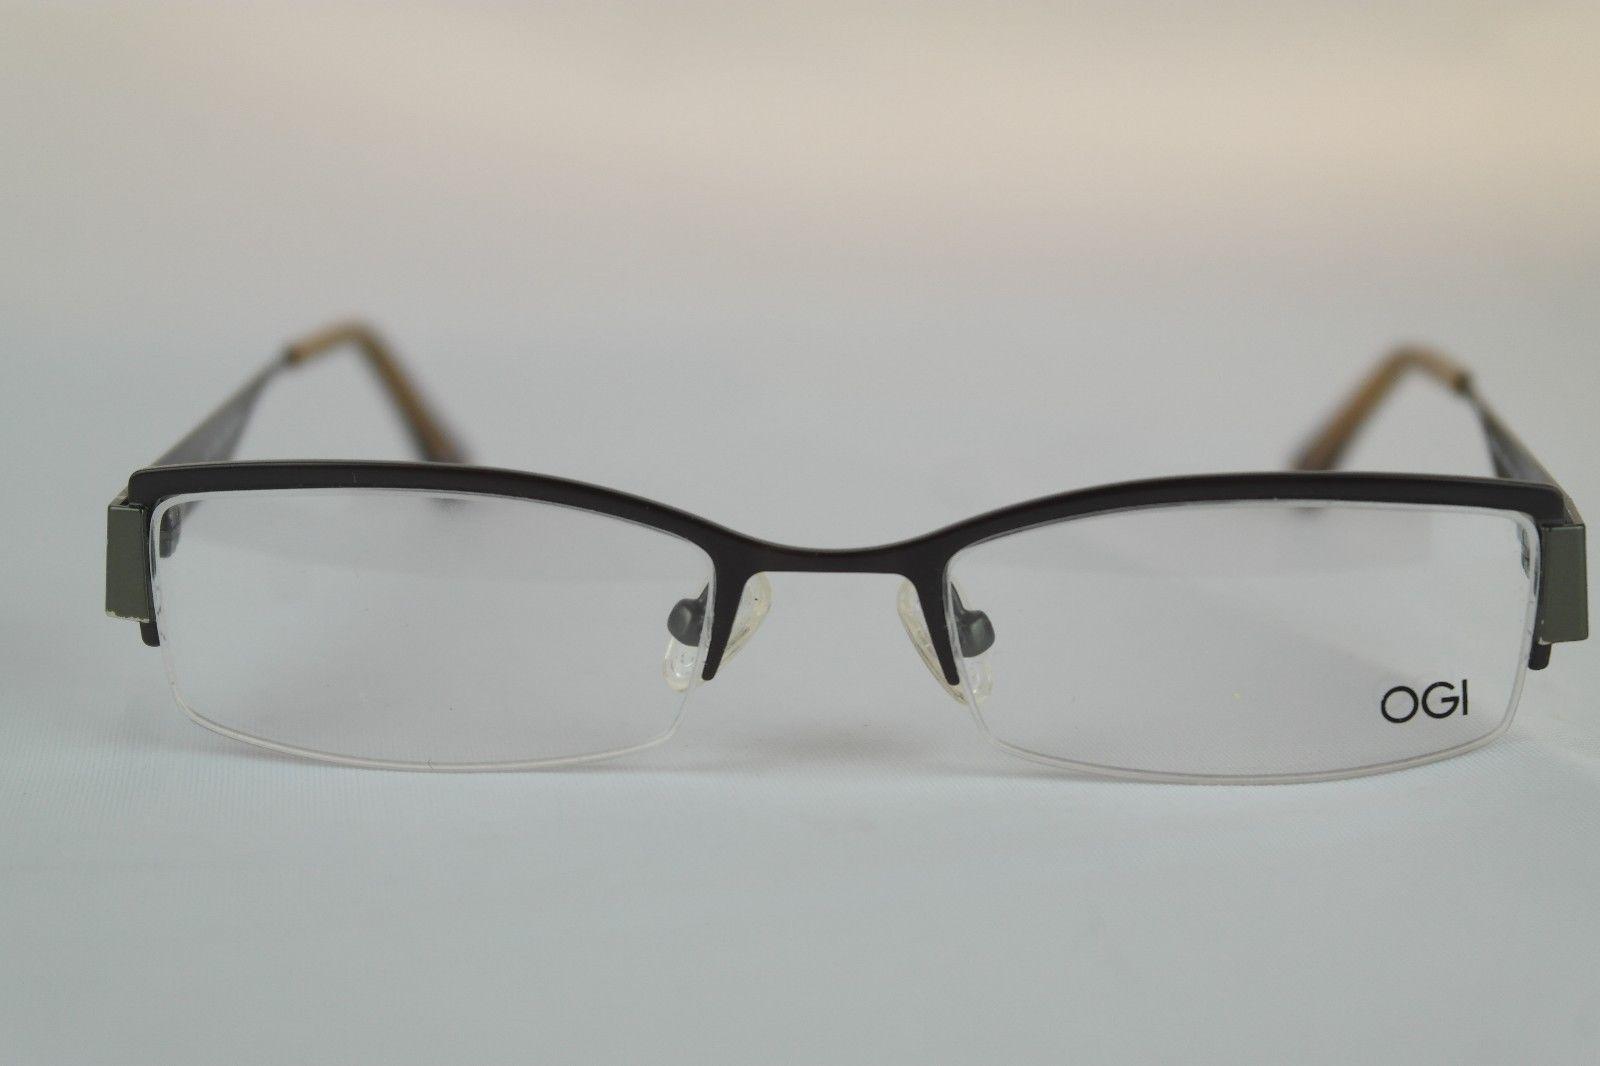 OGI Evolution Eyeglasses Designer Frames Unisex (48 18 140 ...